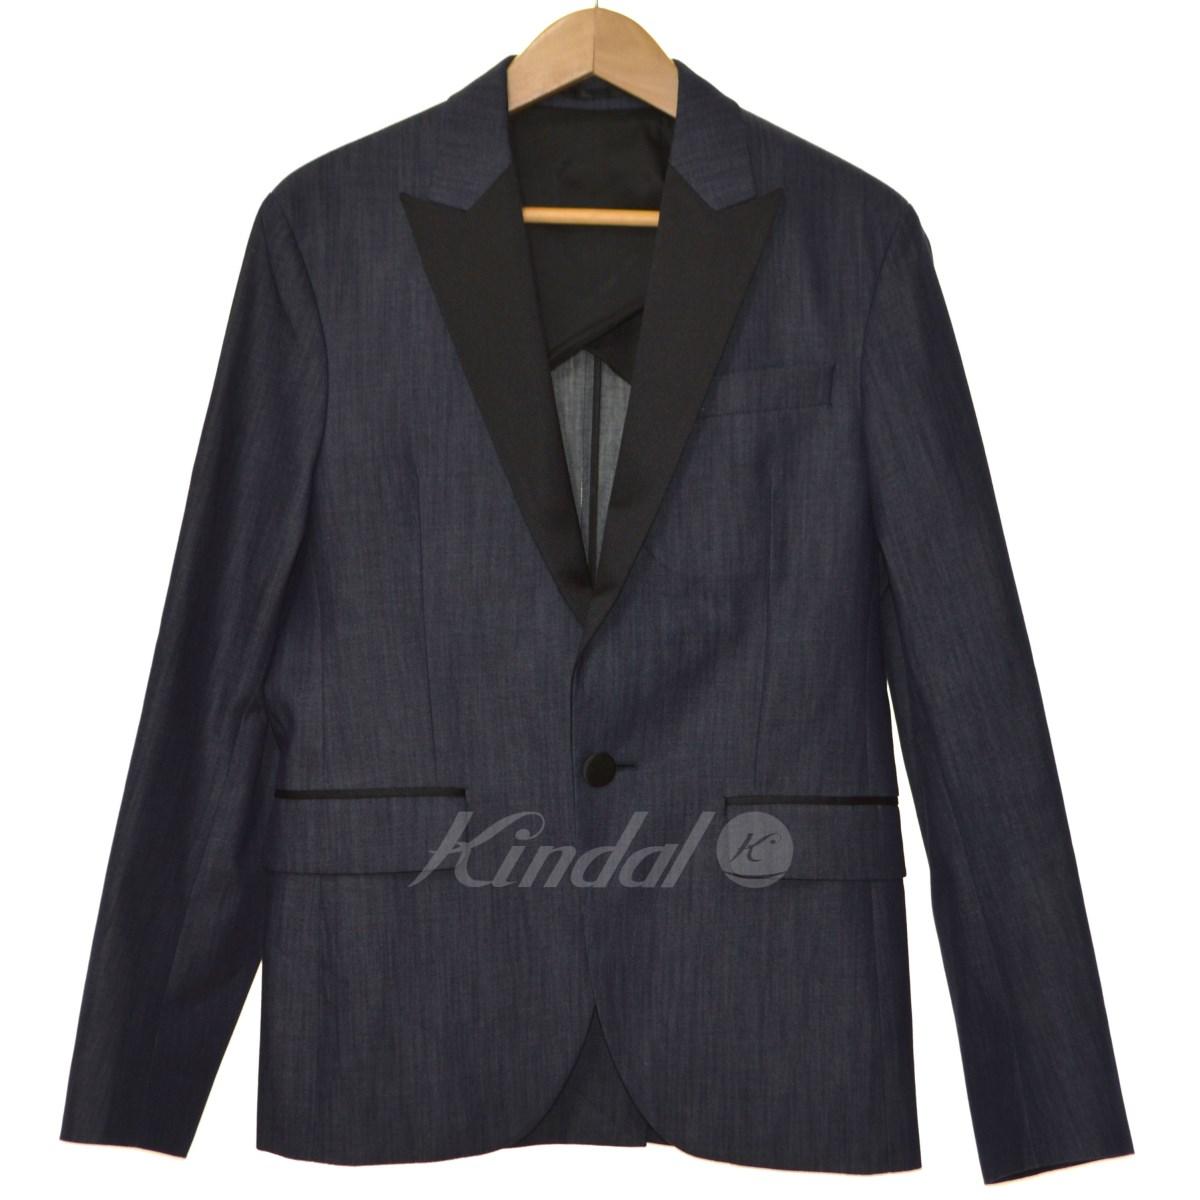 【中古】DSQUARED2 16SS タキシードジャケット 【送料無料】 【122016】 【KIND1550】